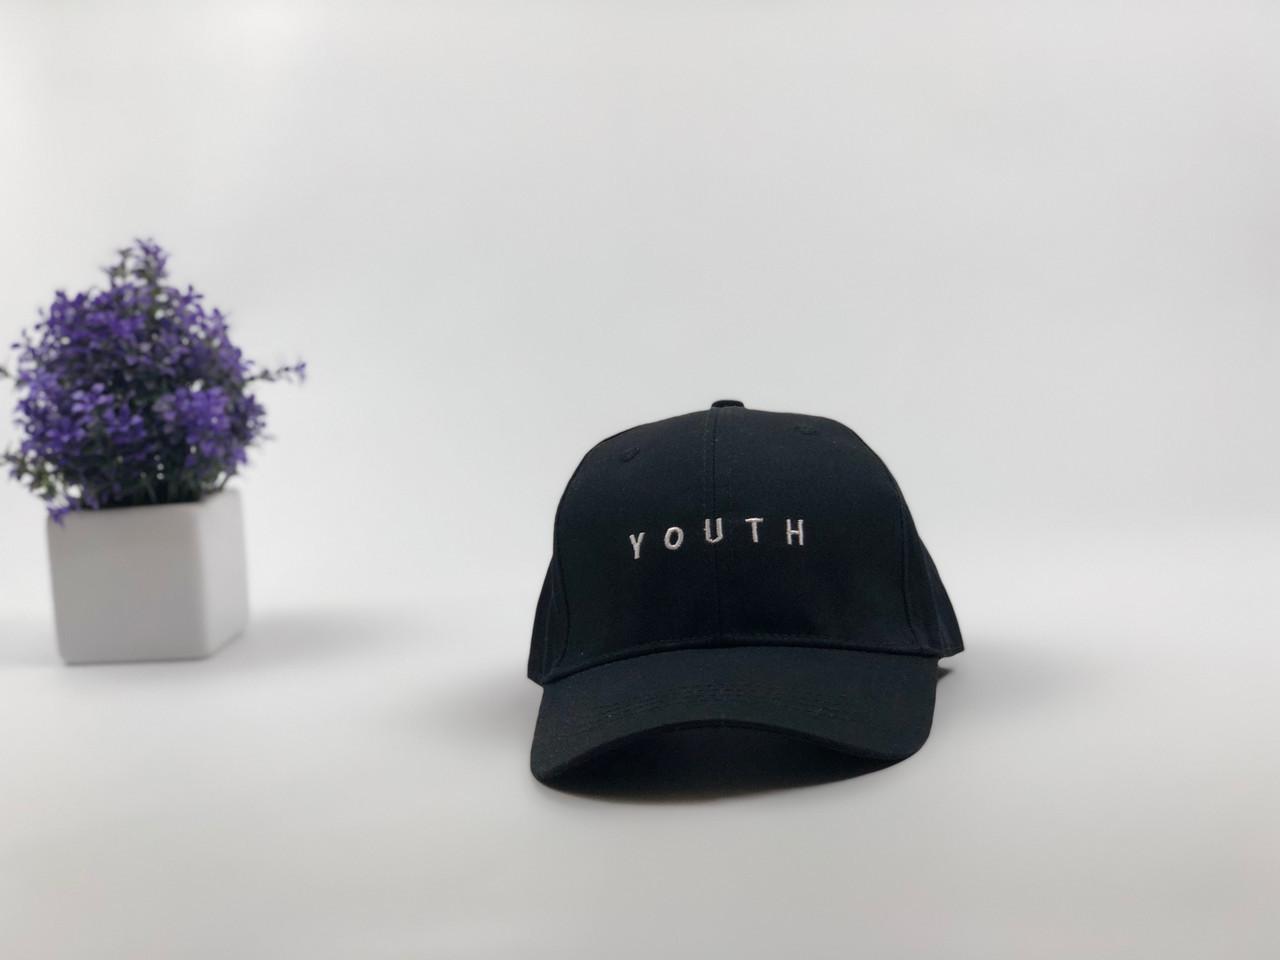 Кепка бейсболка Youth (черная) застежка пластик